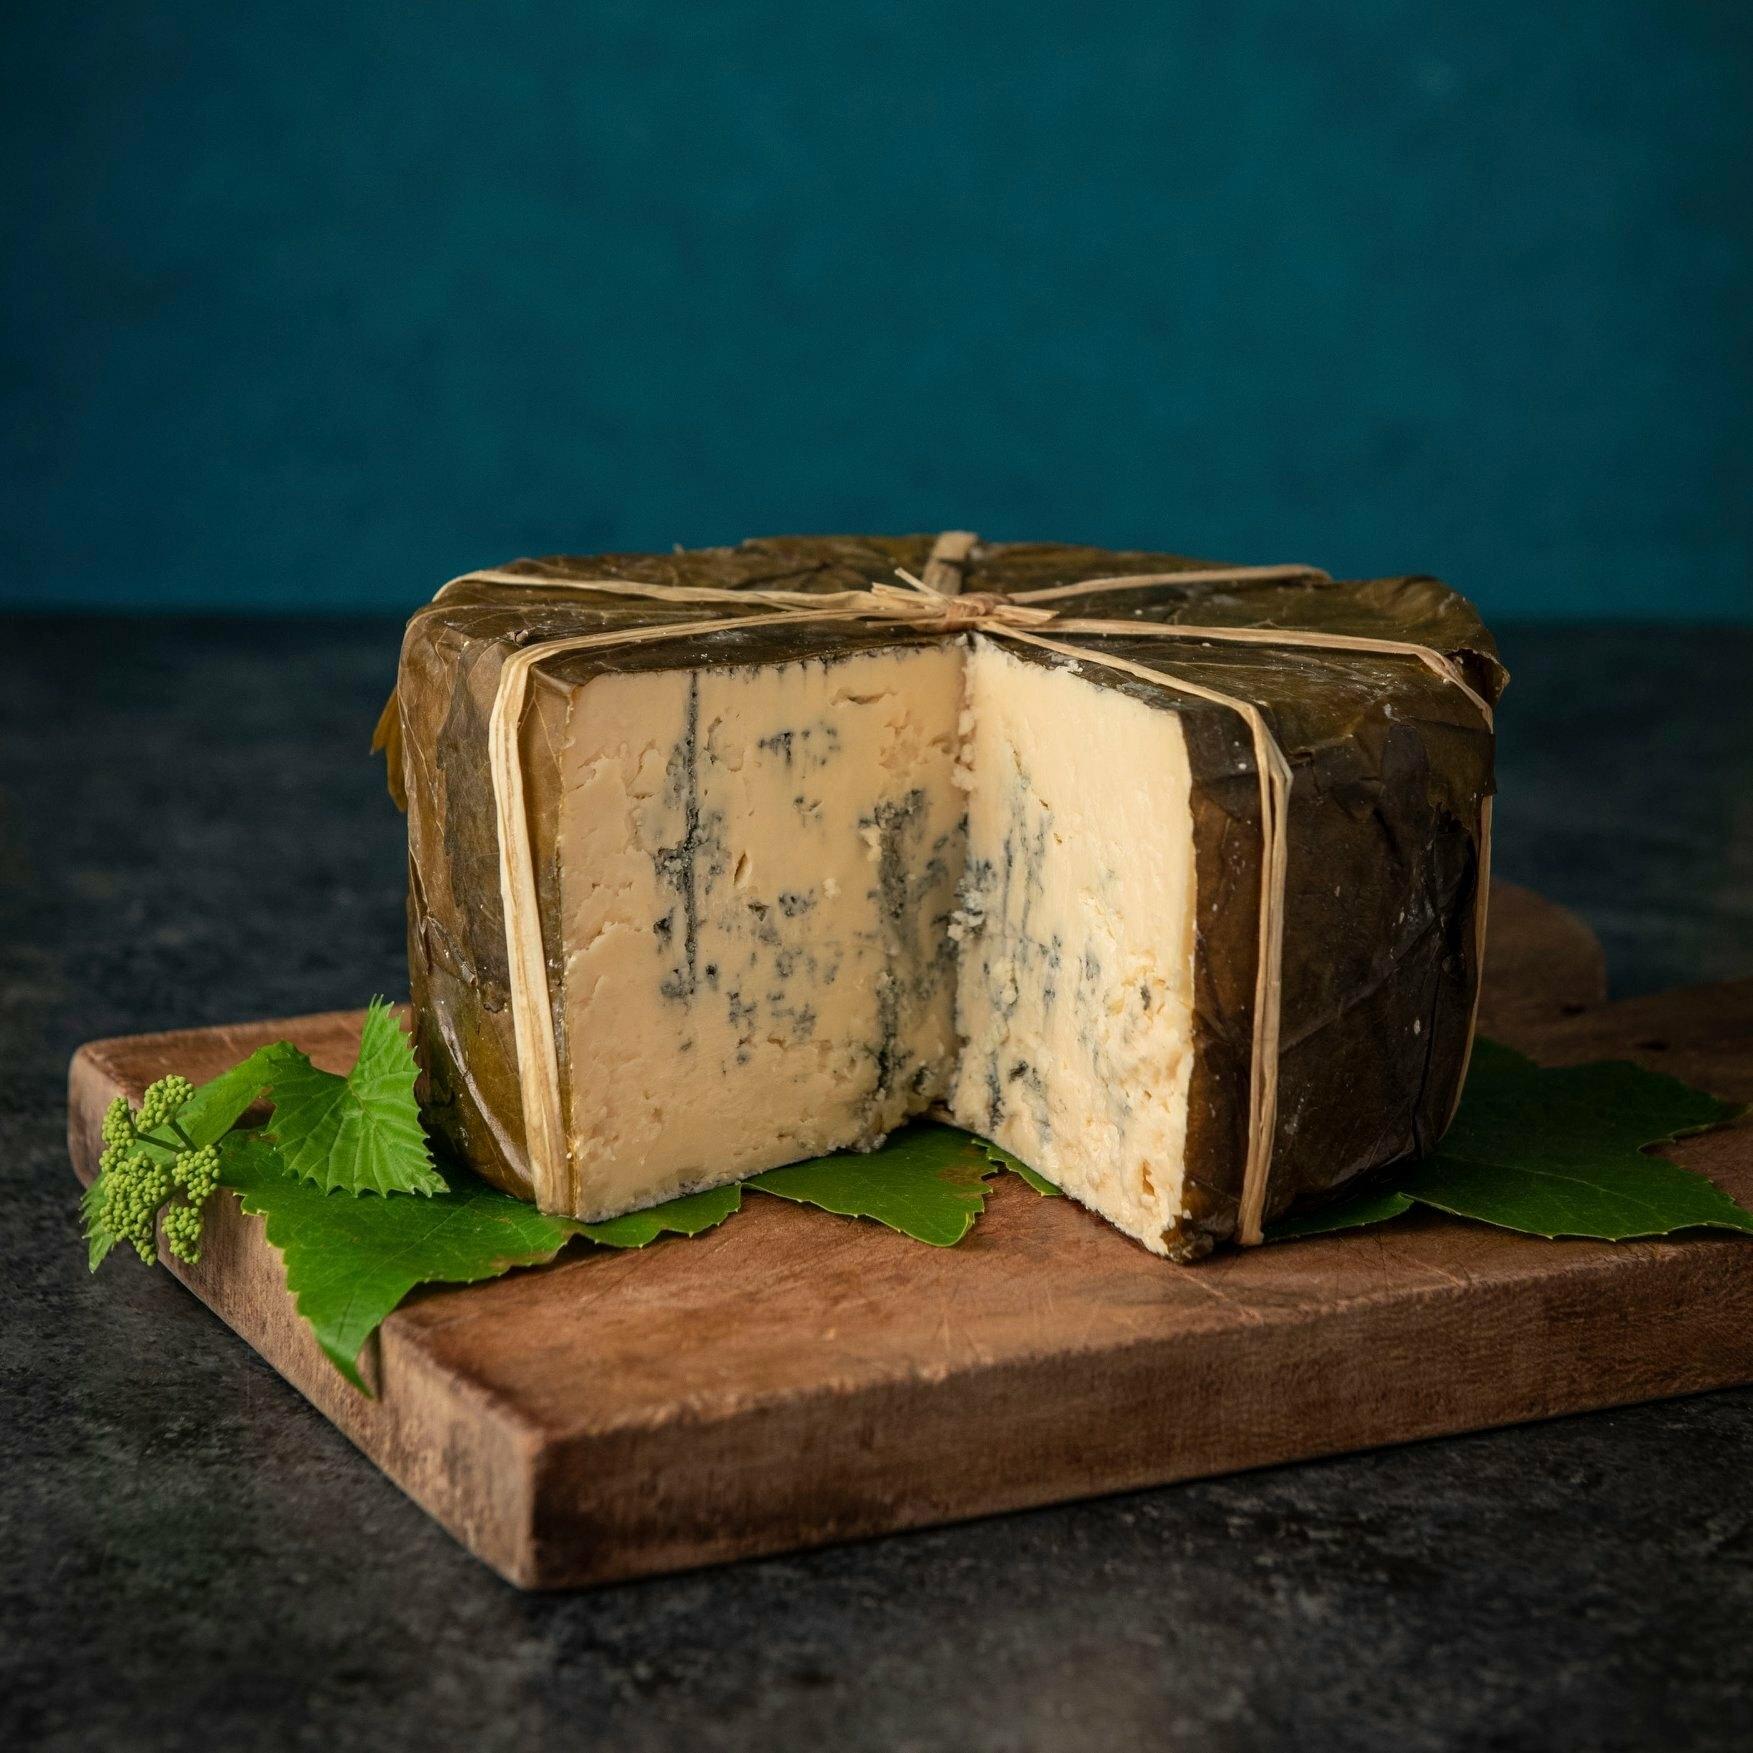 Pourquoi le fromage bleu est bleu ?